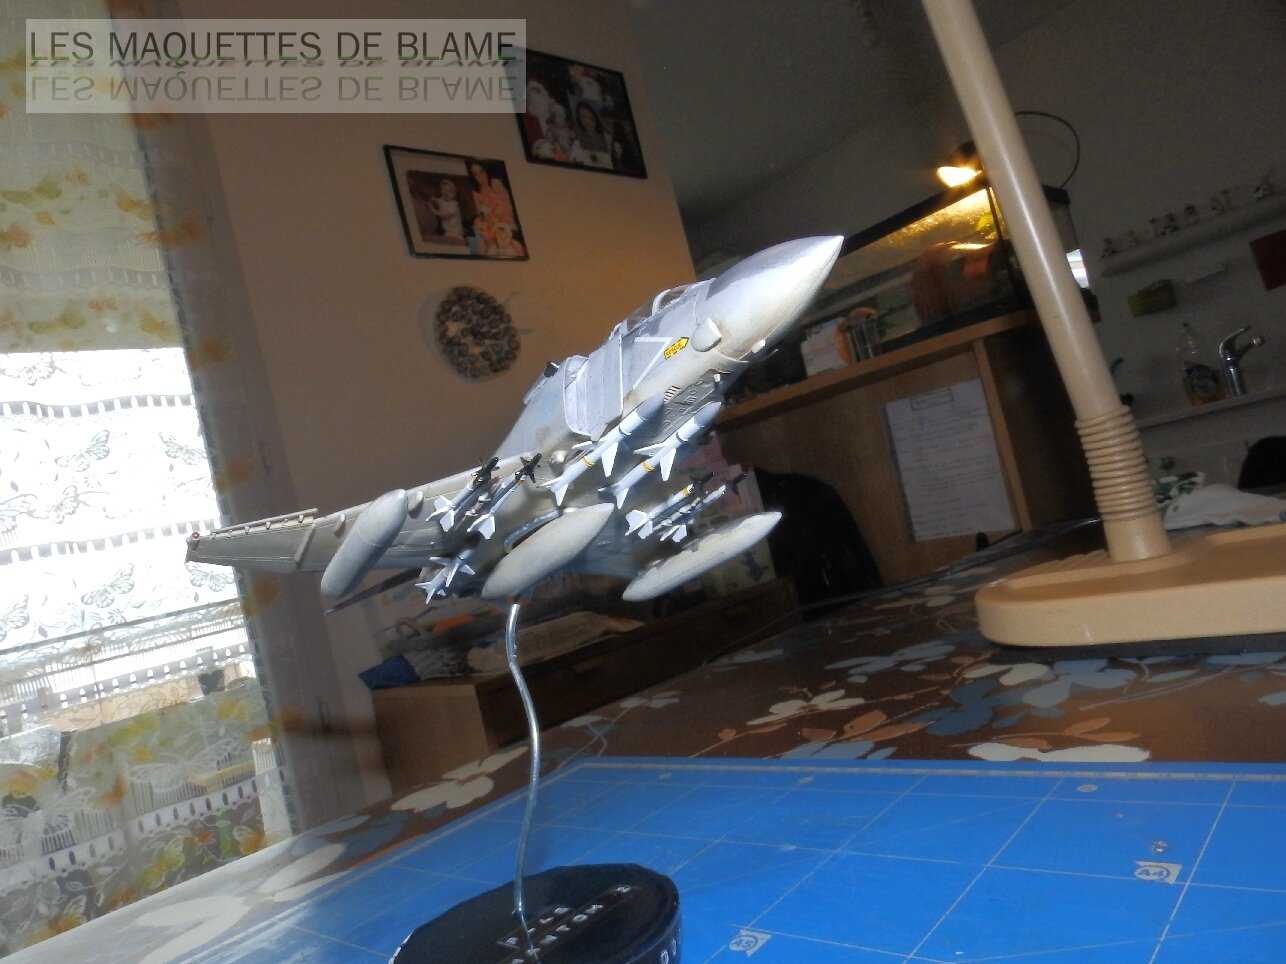 MCDONNELL DOUGLAS F-4S FINI!!!!!!